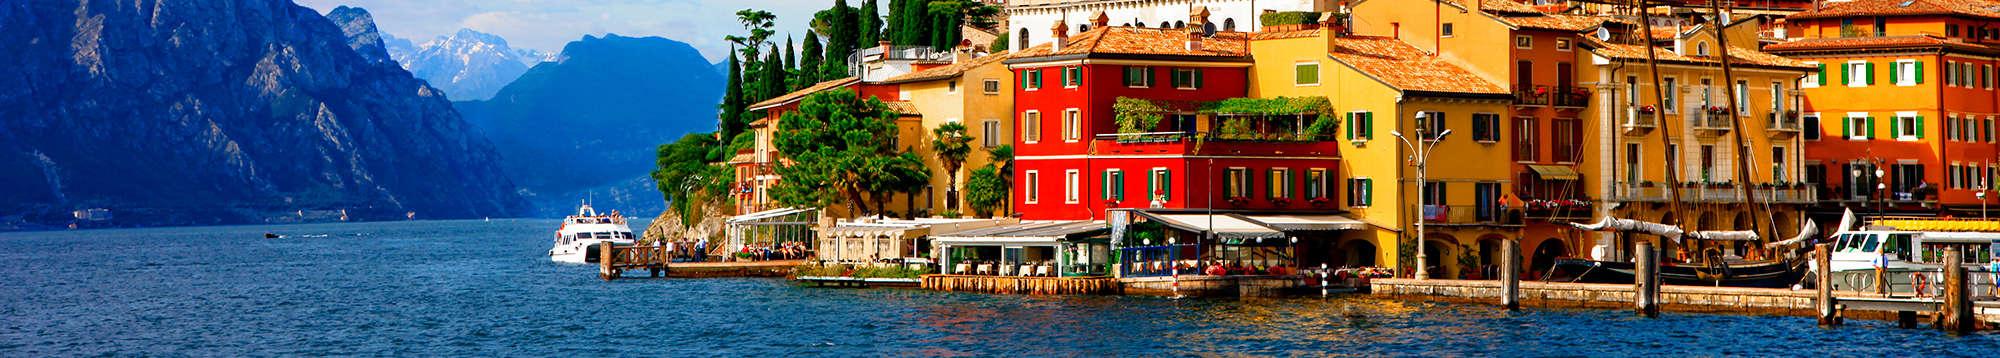 Week end e soggiorni al Lago di Garda